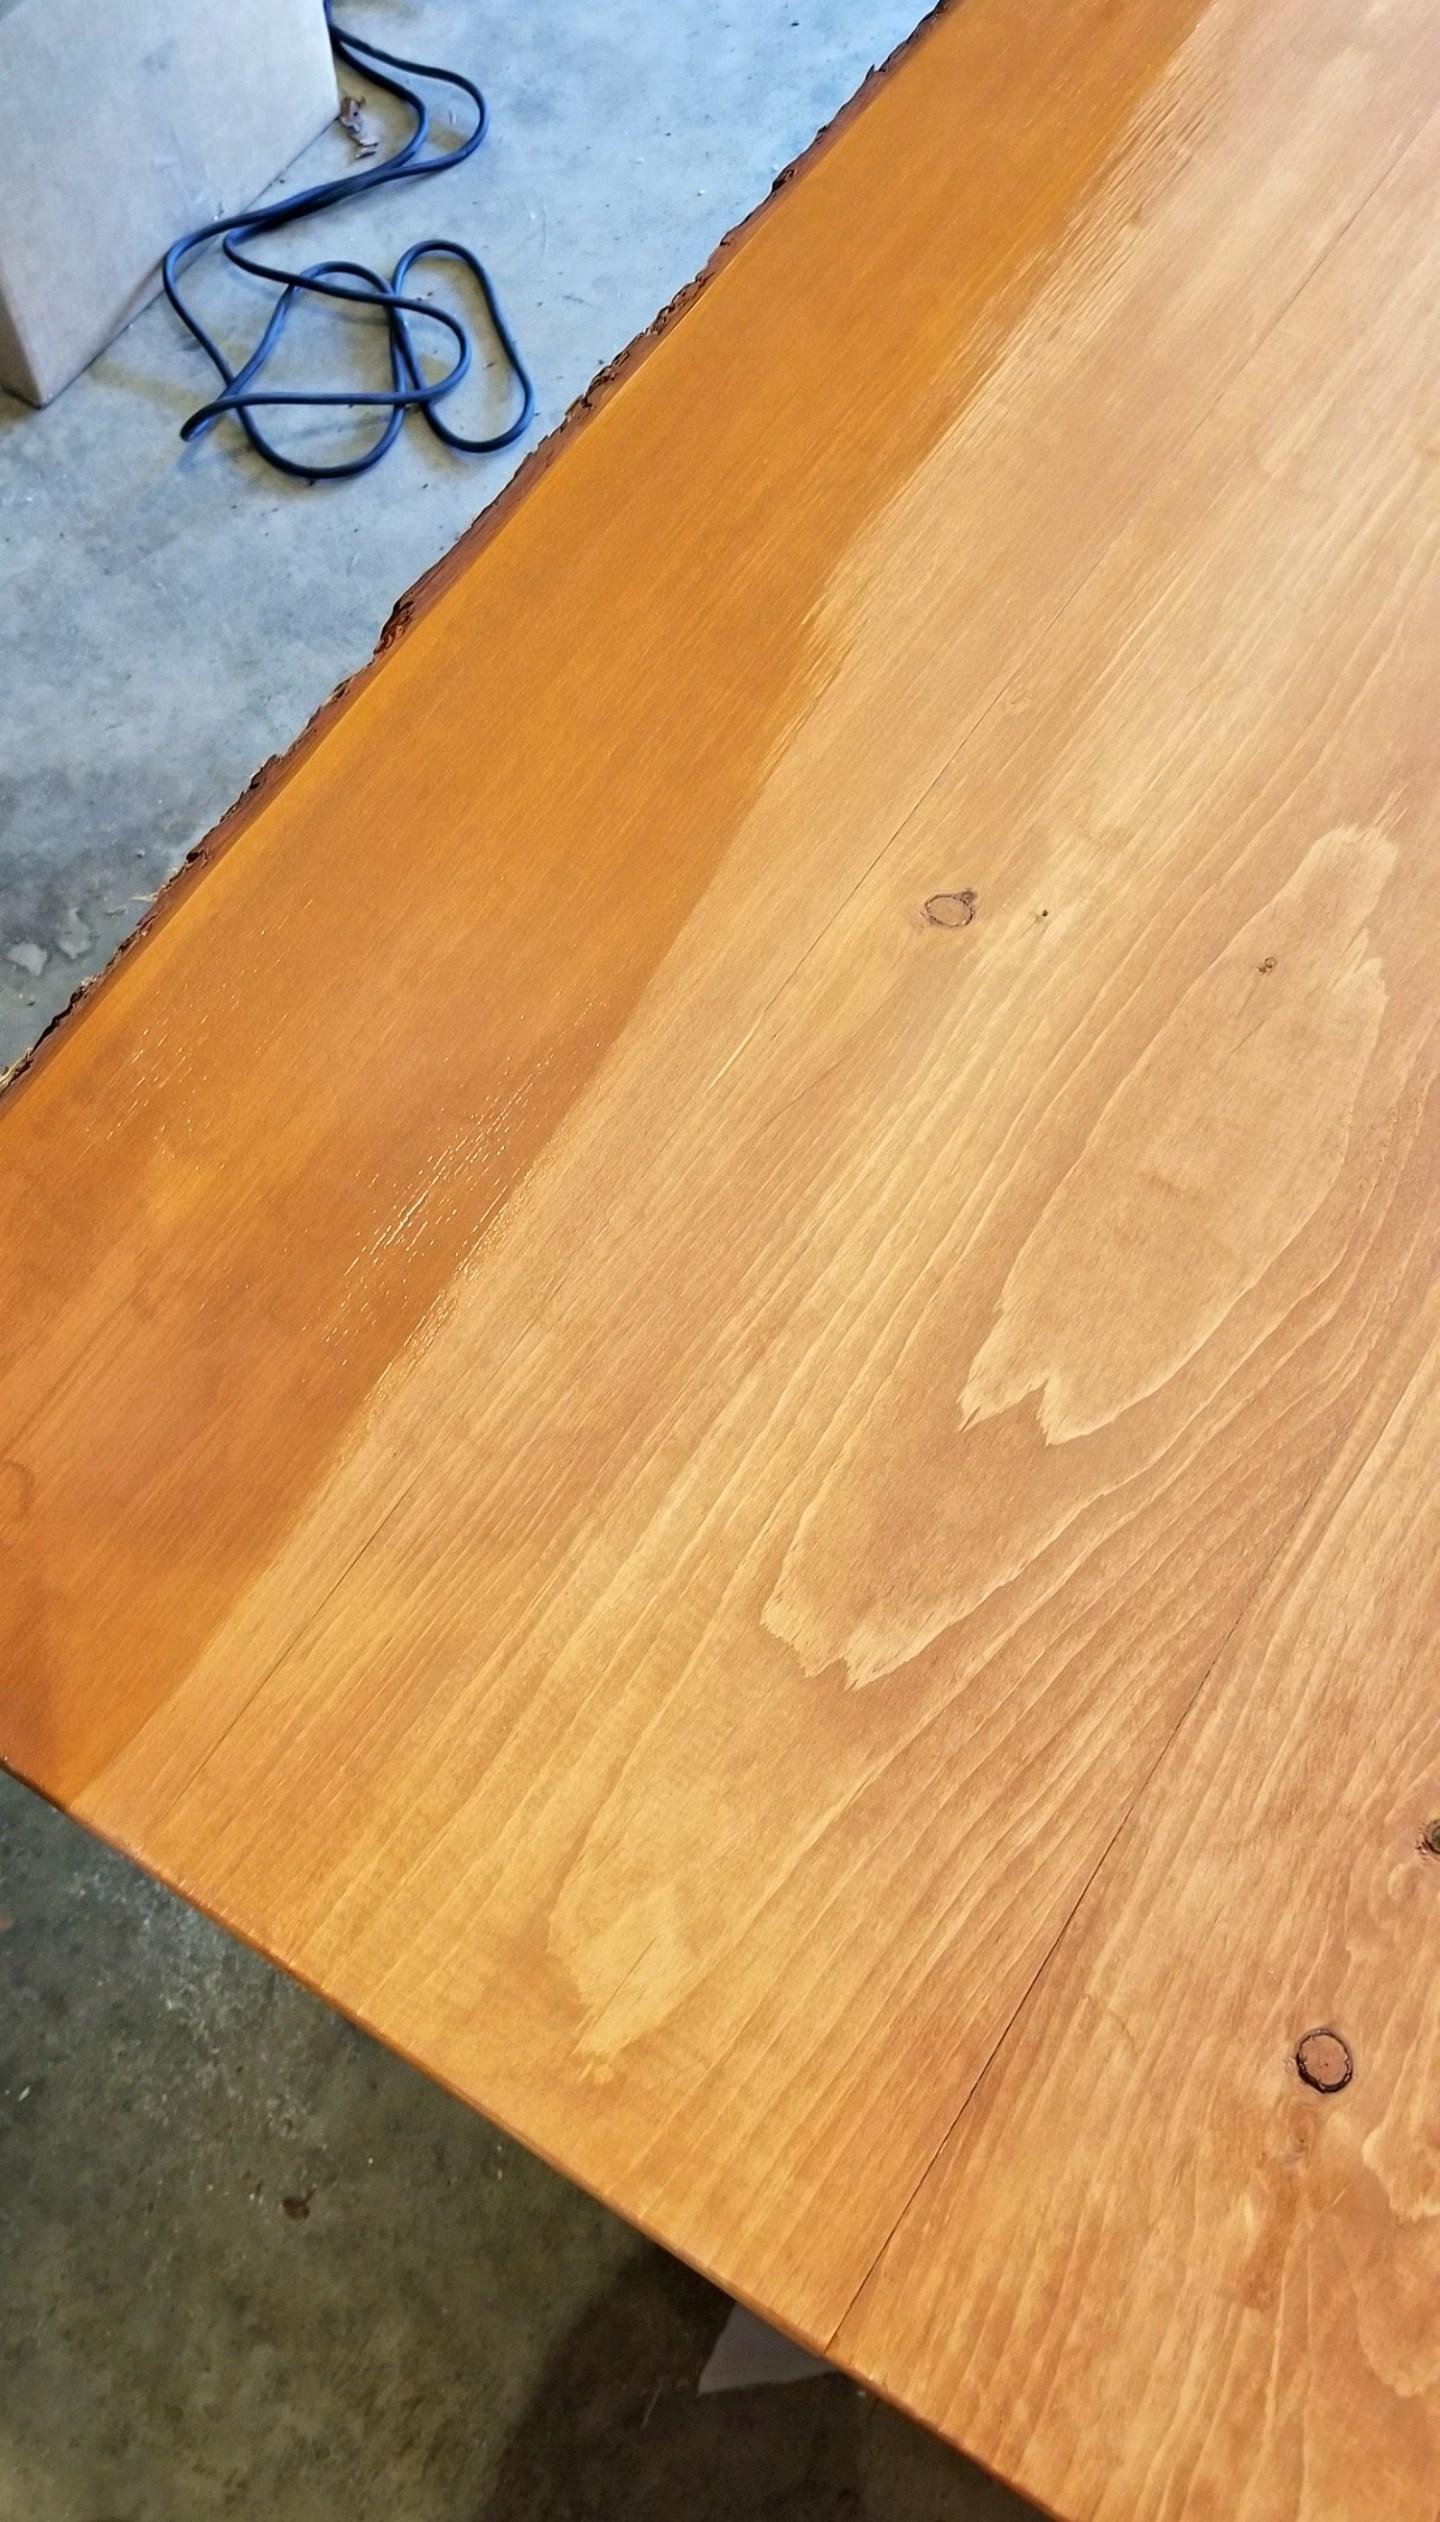 Behr Chestnut Stain on Pine Wood